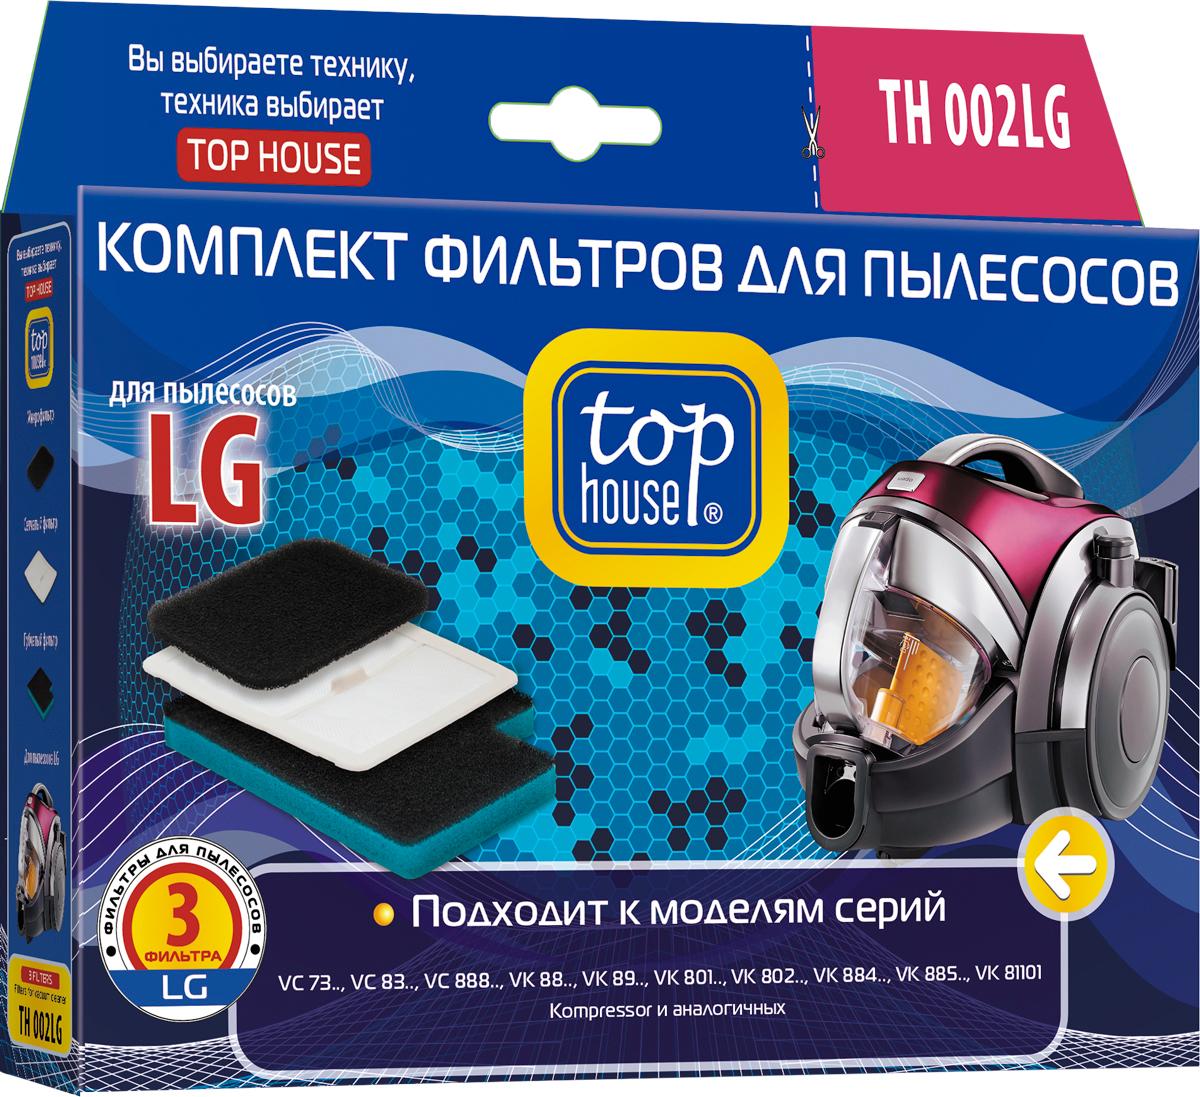 Top House TH 002LG комплект фильтров для пылесосов LG, 3 шт цены